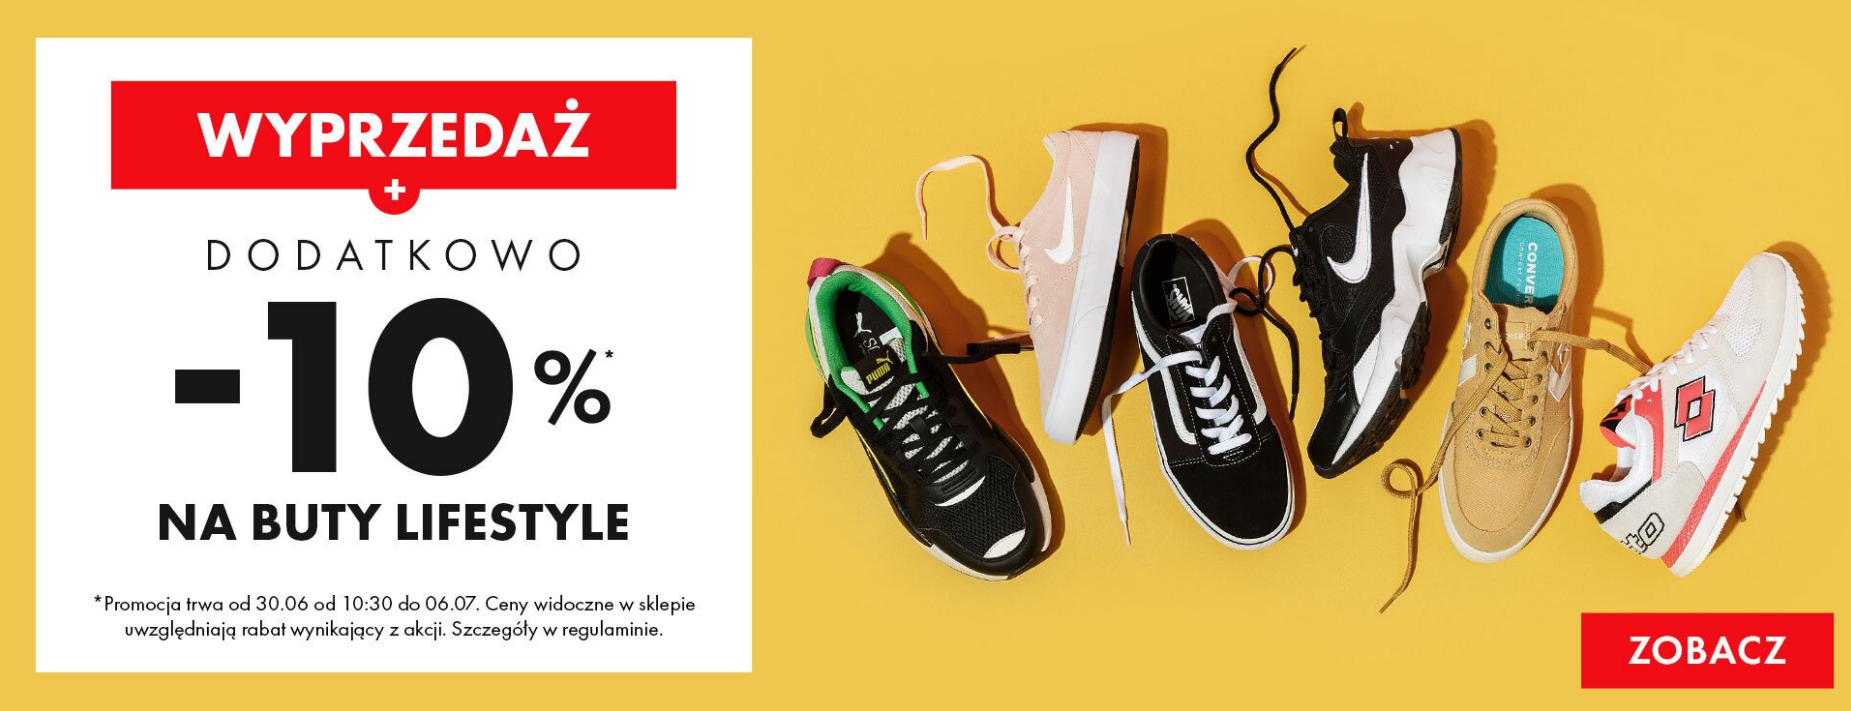 50Style: wyprzedaż dodatkowe 10% rabatu na buty lifestyle z wyprzedaży                         title=